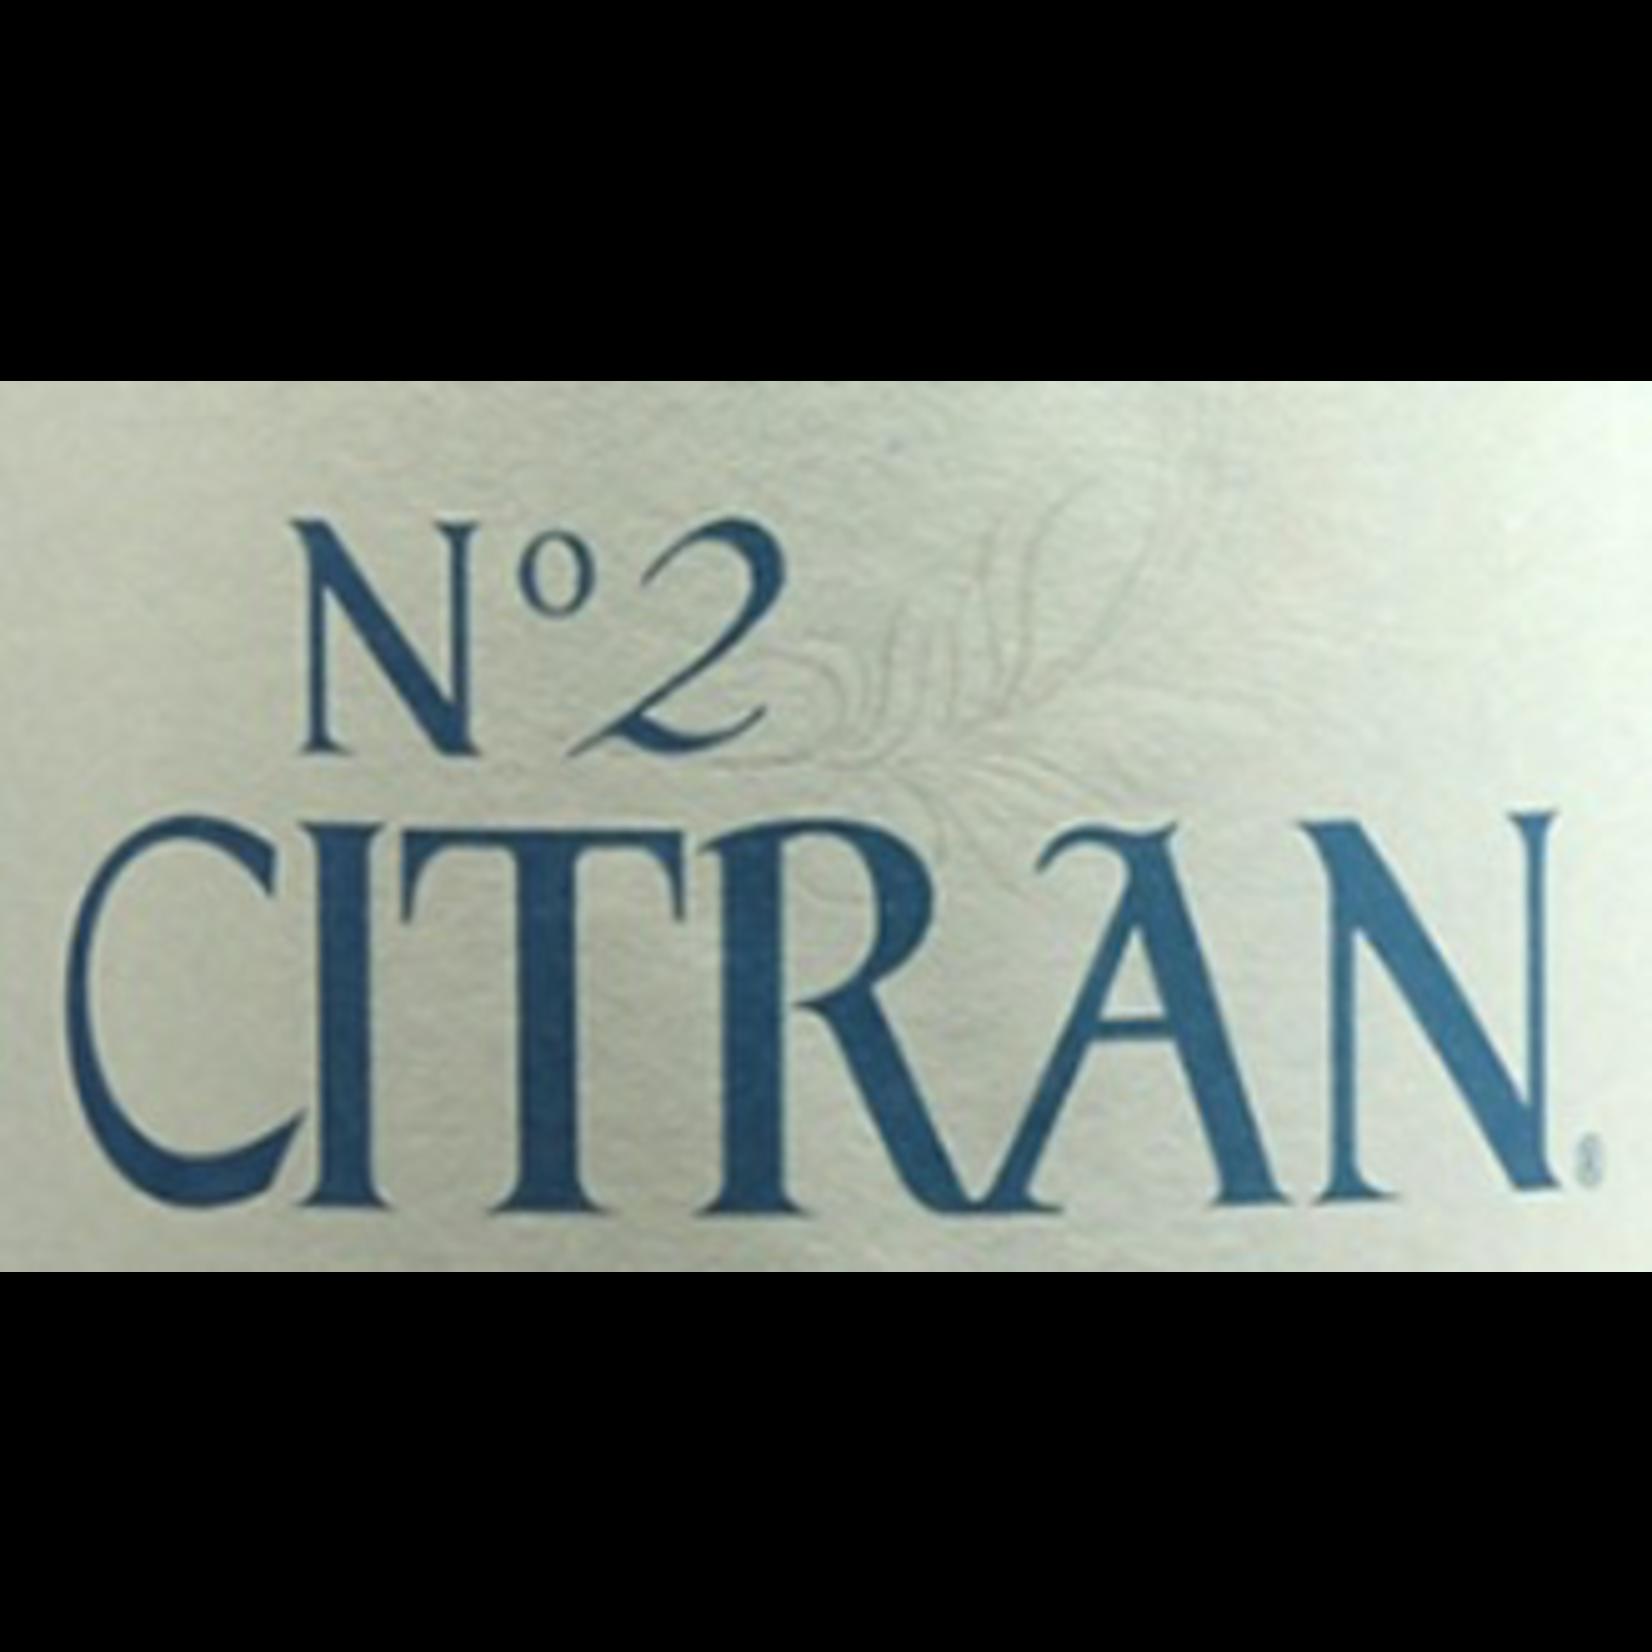 Wine Chateau N°2 de Citran 2014